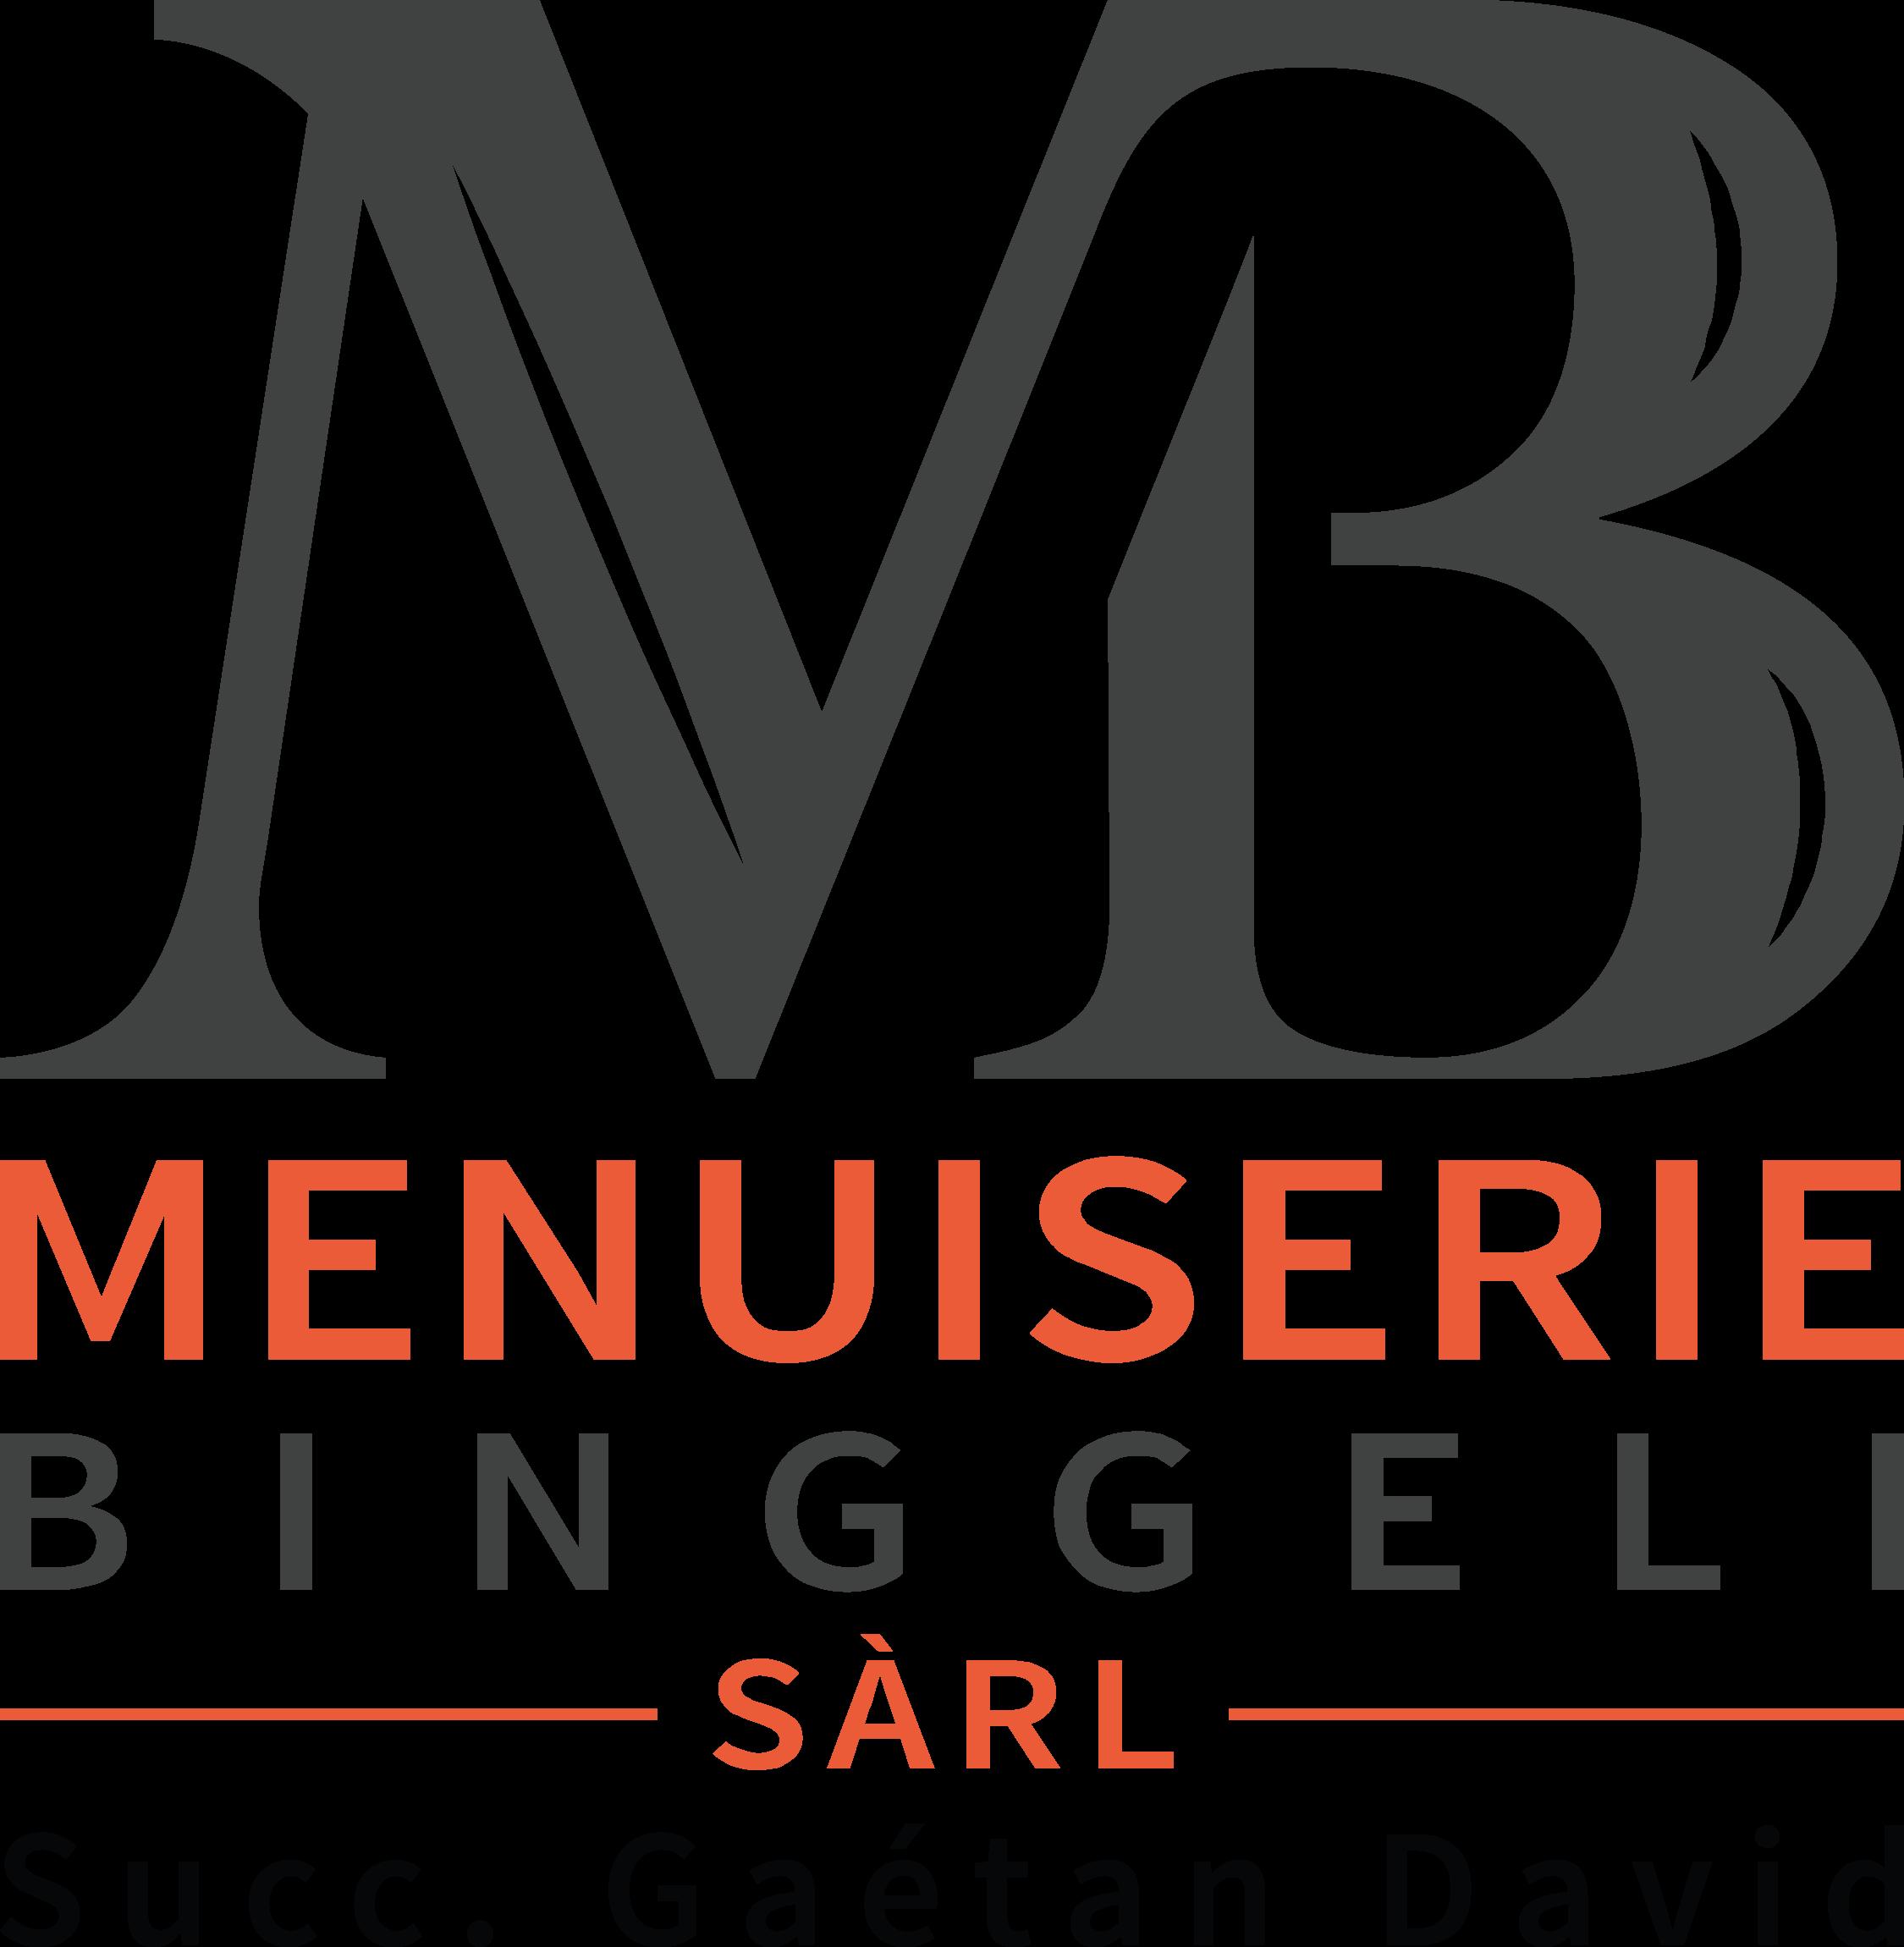 Menuiserie Binggeli, succ. Gaétan David Sàrl